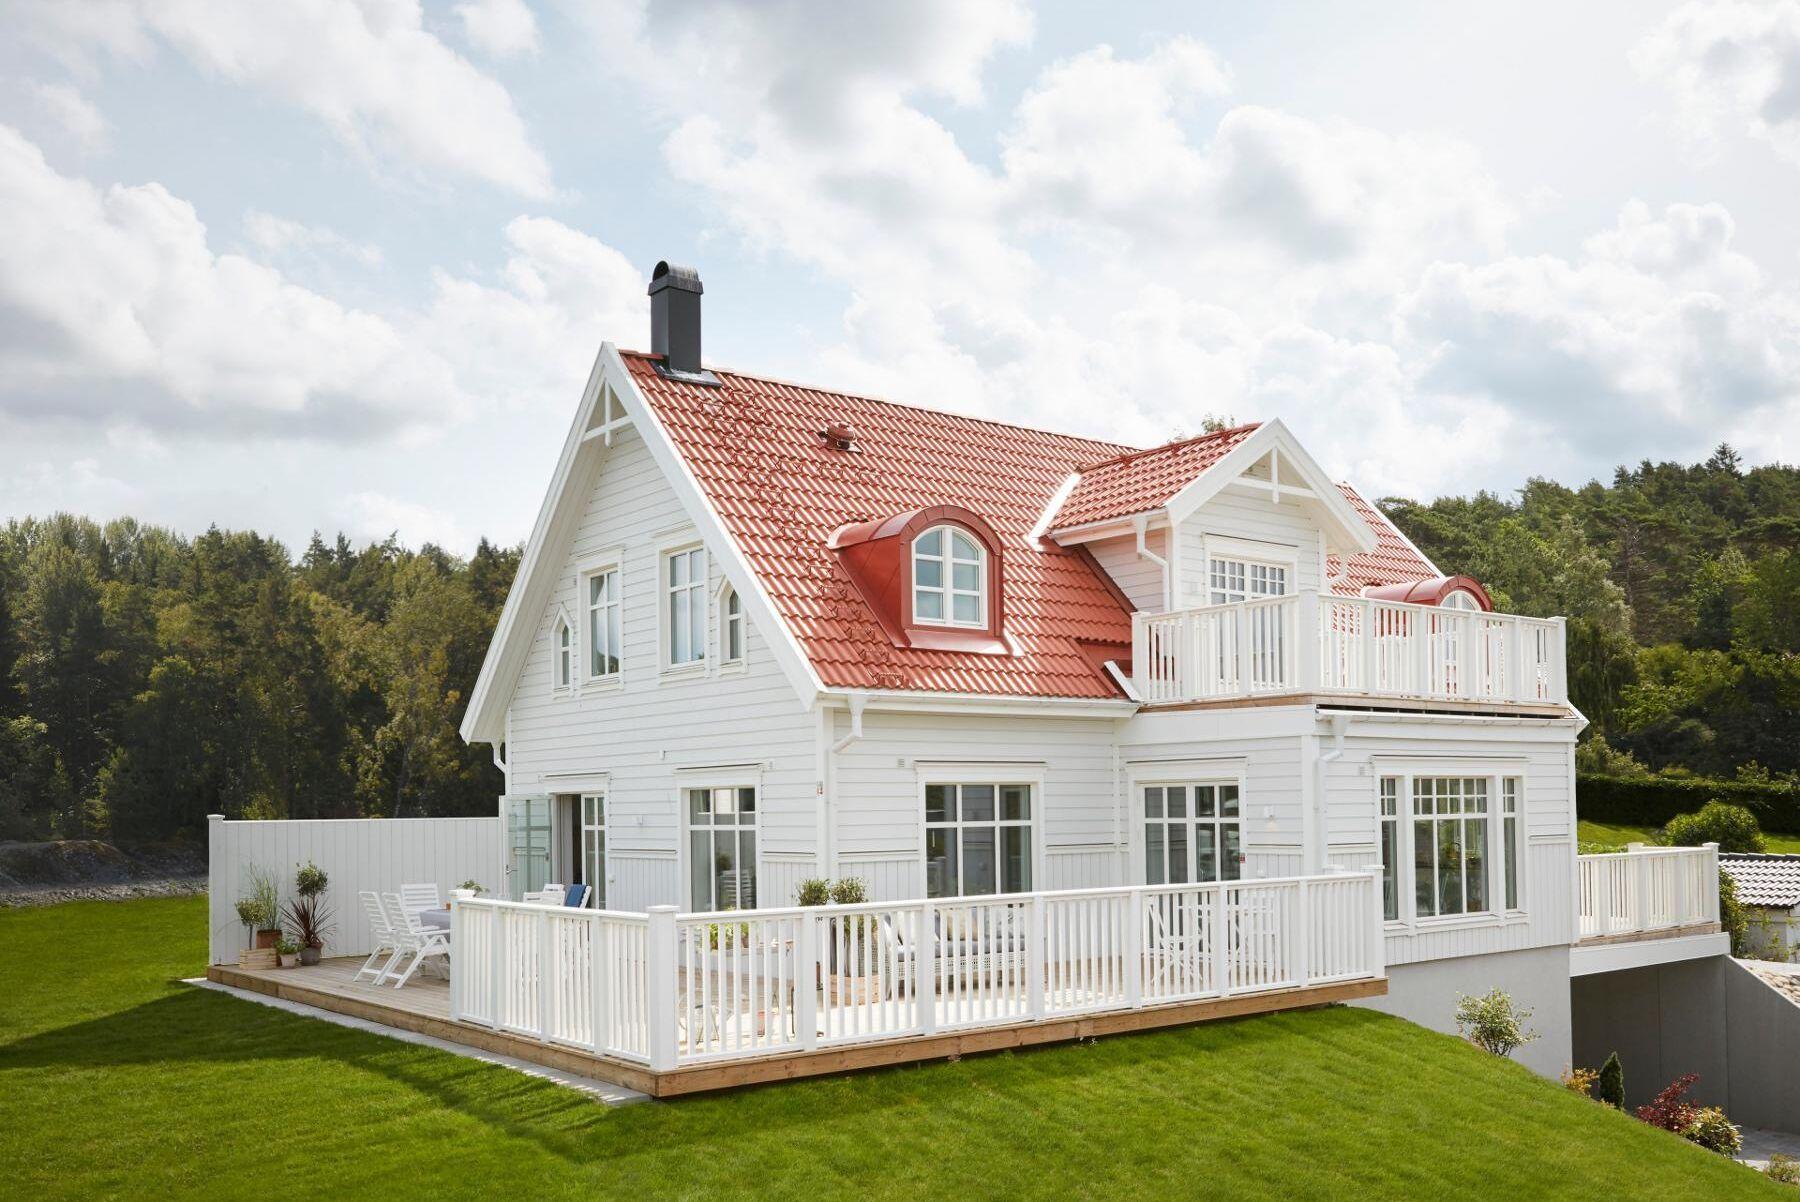 Trivselhus blir en del av Profuragruppen sedan Södra beslutat att sälja företaget till Svensk Husproduktion.